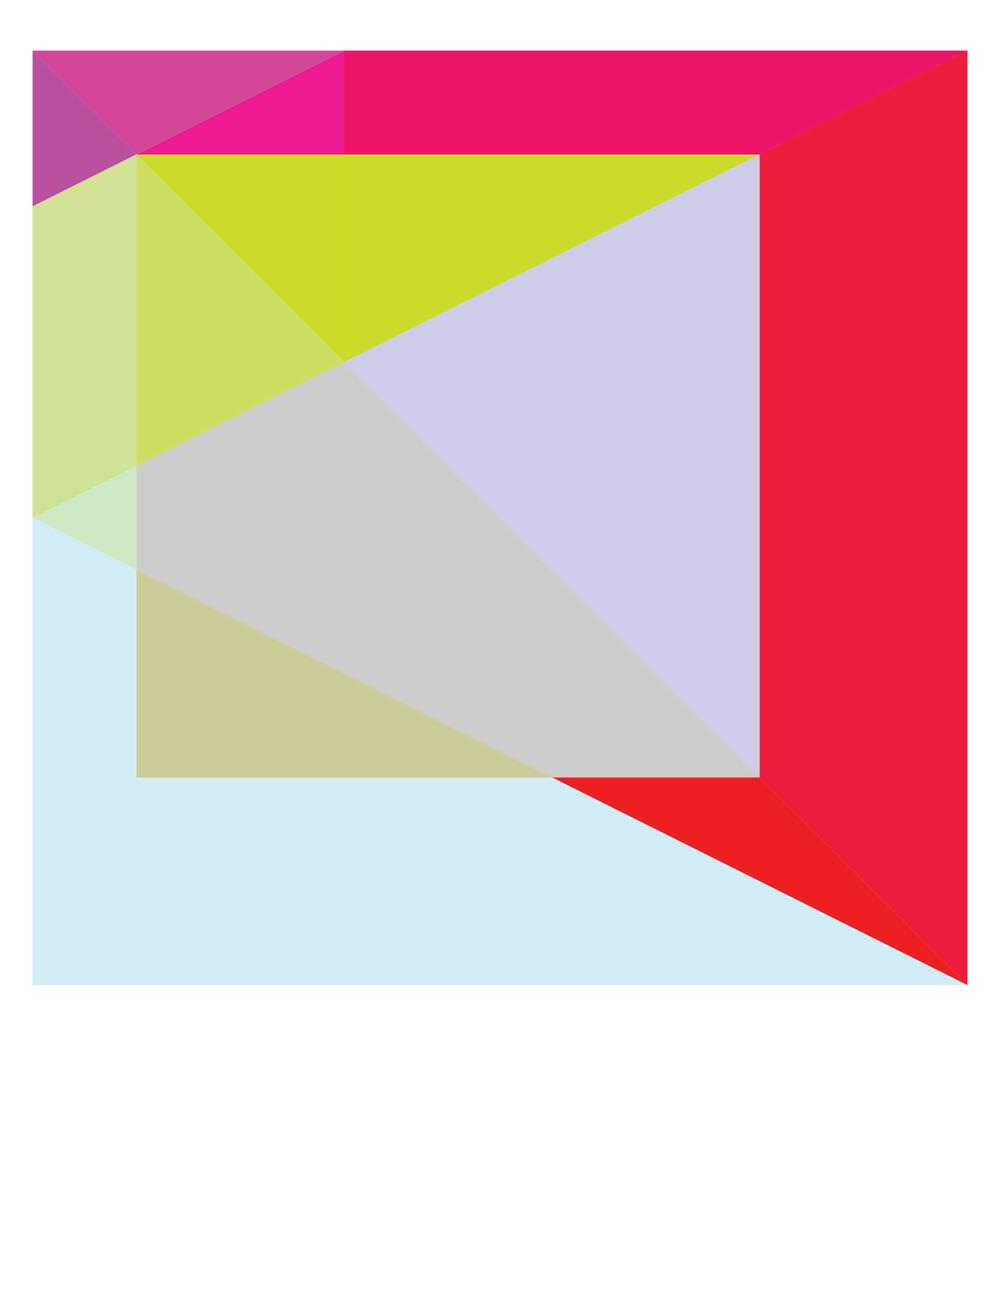 FormulaKills_9x9-10.jpg